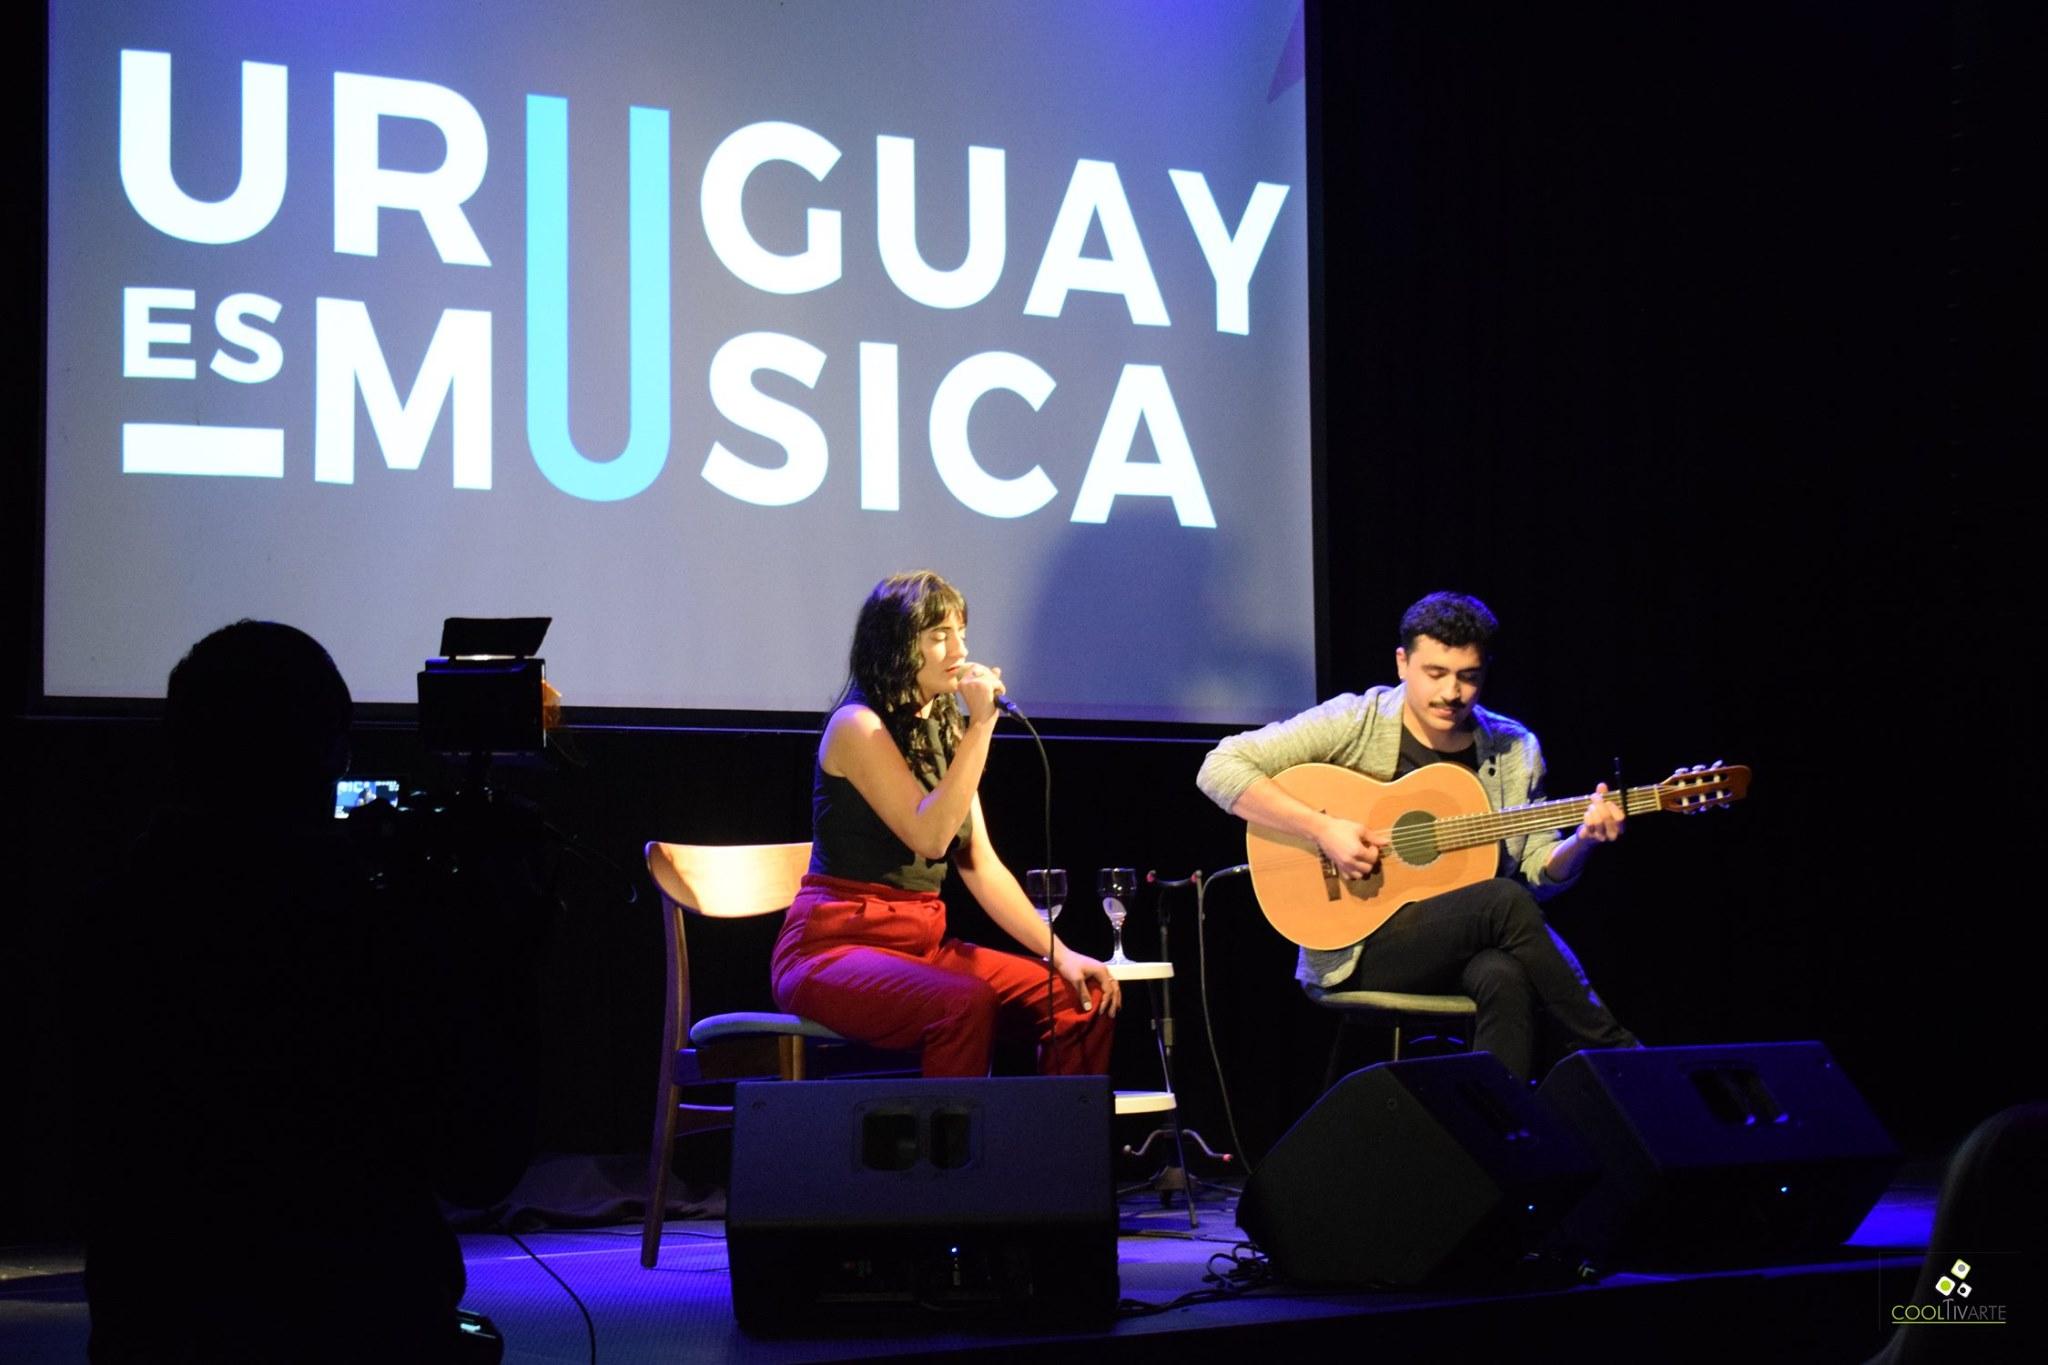 Inauguración de la fase 0 del protocolo presentado por la agrupación Uruguay es Música - Show de Lucía Ferreira - Magnolio Sala - 08-06-2020 - Fotos Claudia Rivero - www.cooltivarte.com